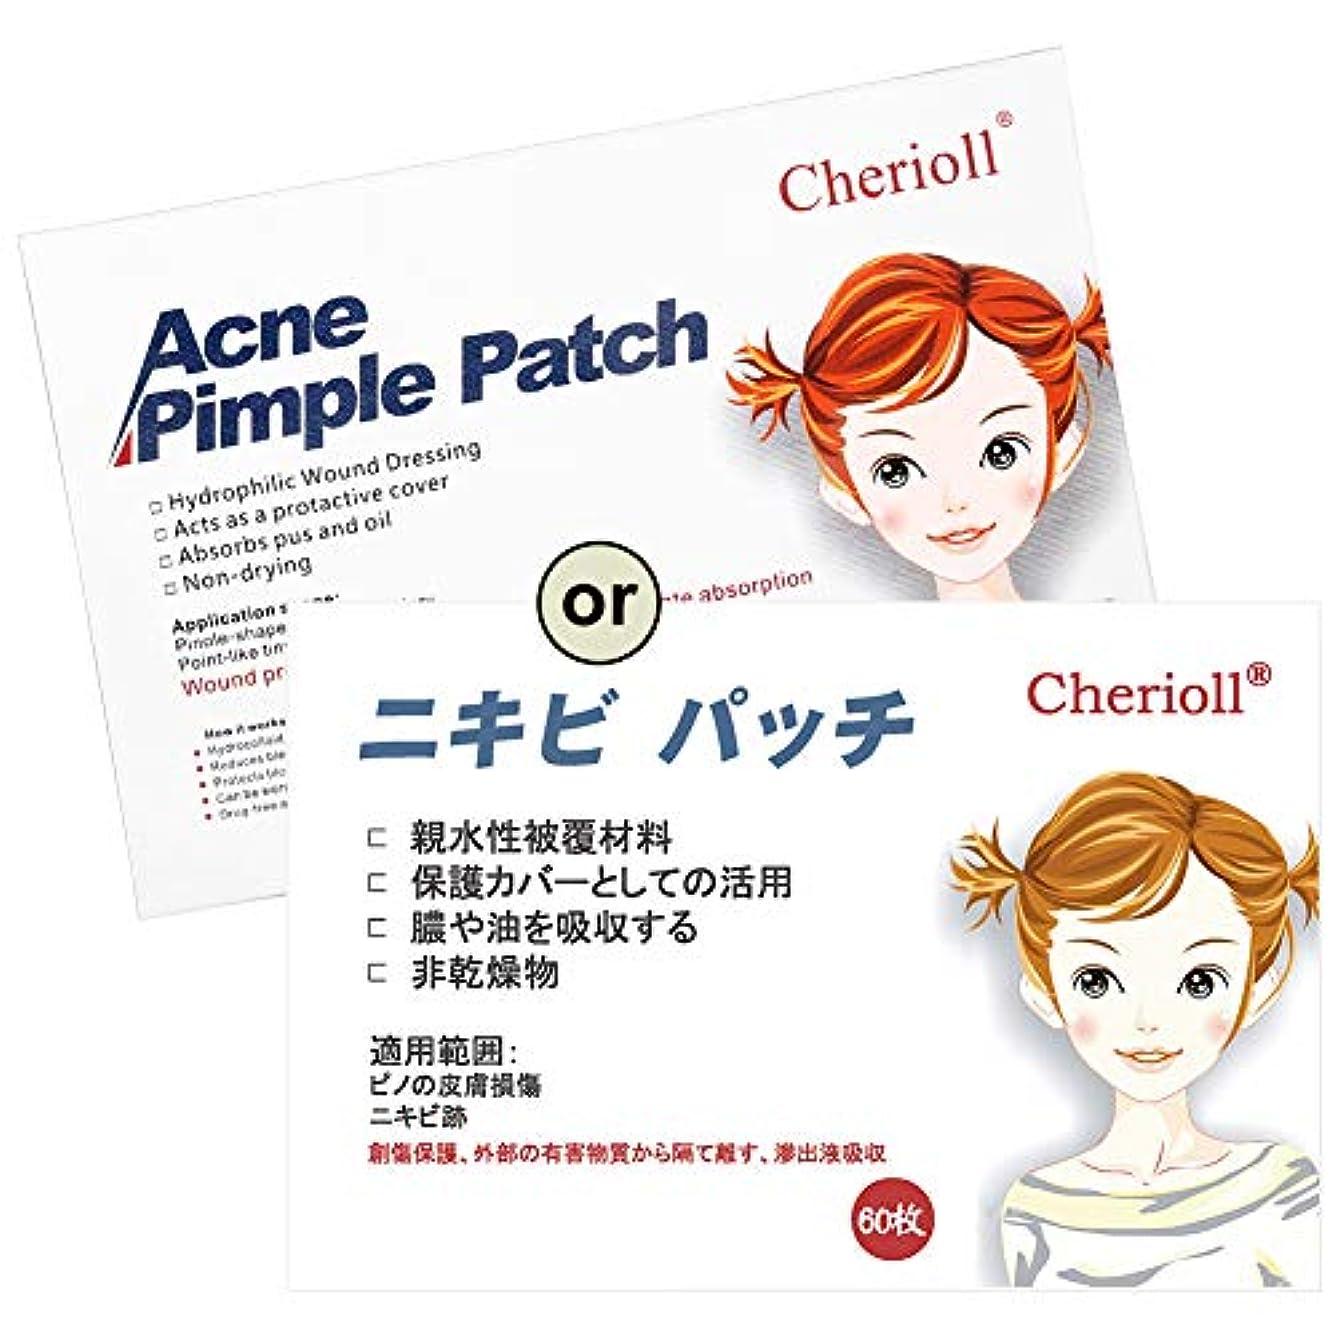 冊子州ことわざソルーション クリア スポット パッチ Acne Pimple Patch 集中ケアシート